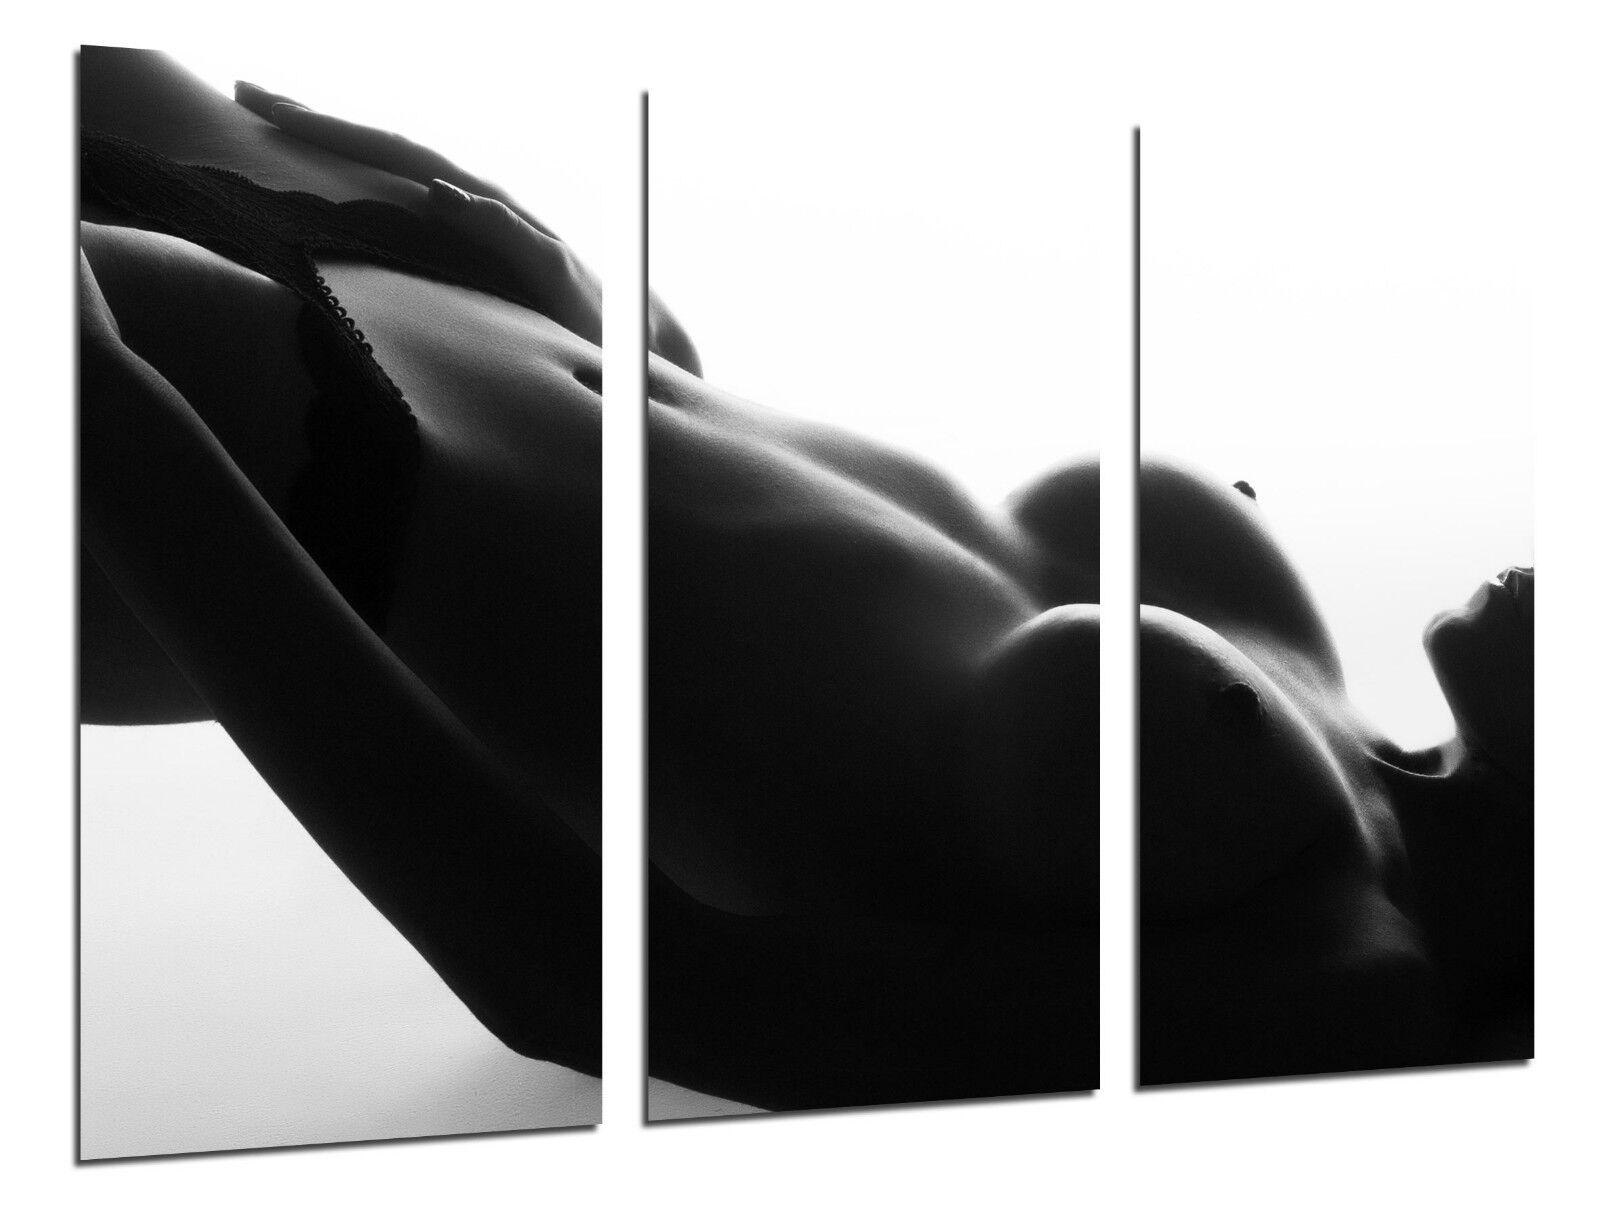 Cuadro Moderno Fotografico Mujer Chica Sexy, Erotico,Sensual, desnudo,ref. 26360